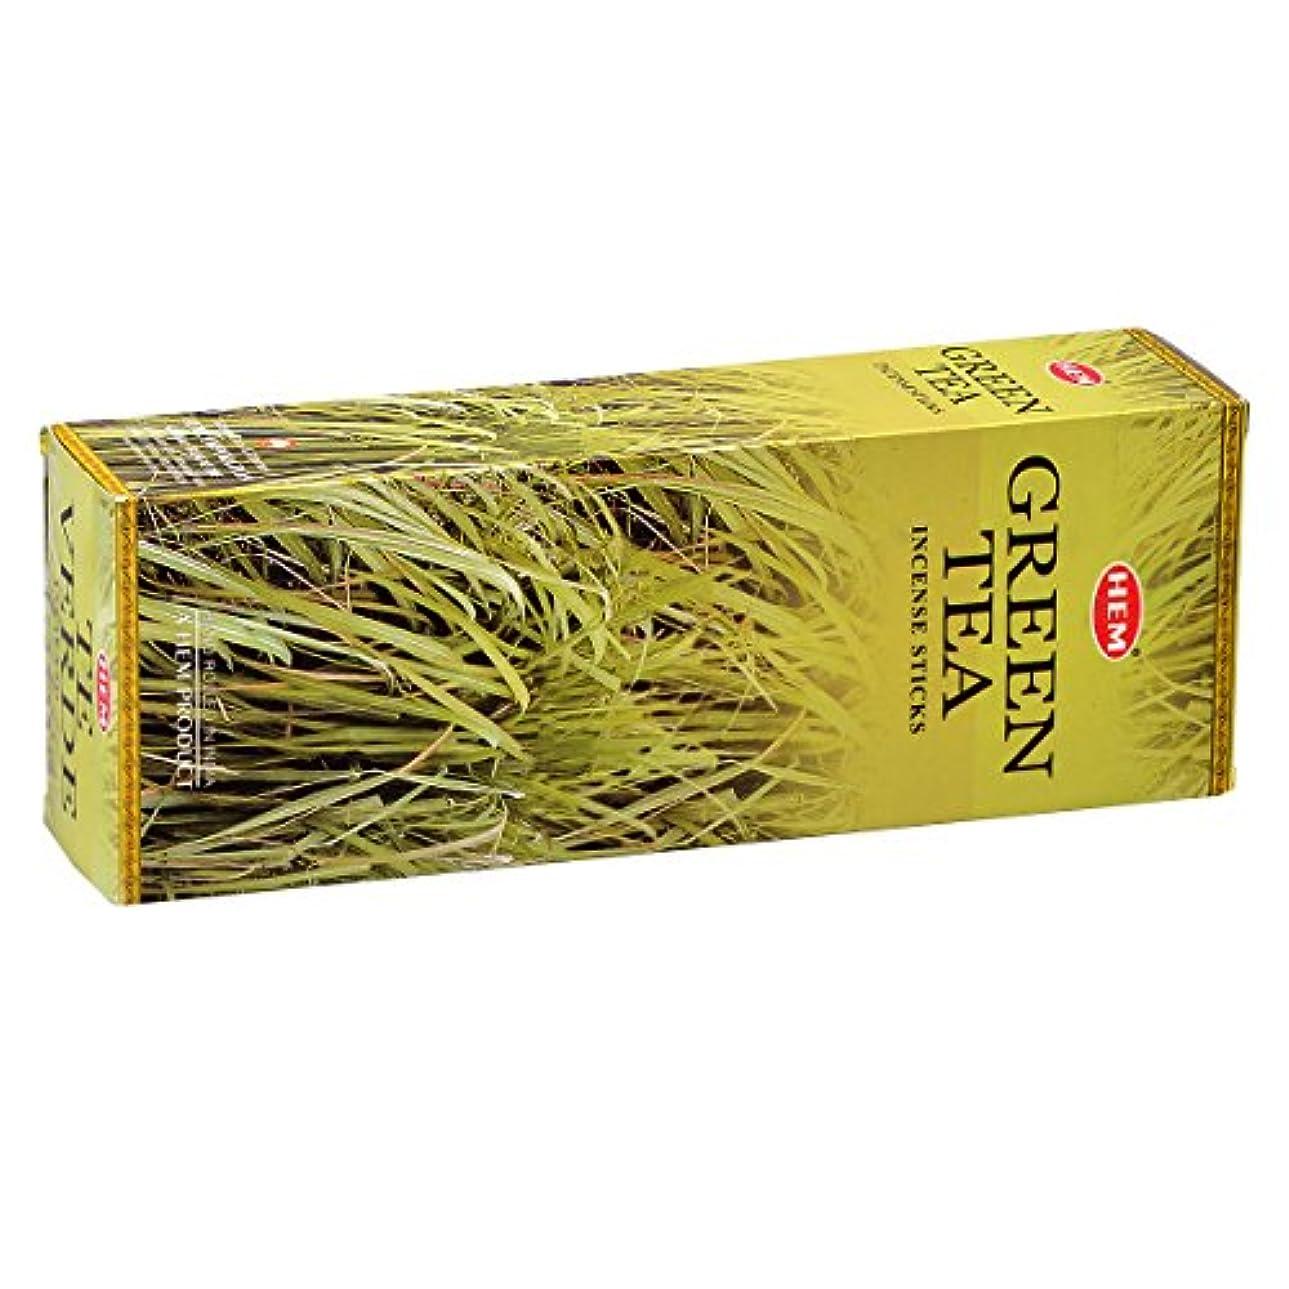 暗い責軌道HEM(ヘム) グリーン ティー GREEN TEA スティックタイプ お香 6筒 セット [並行輸入品]